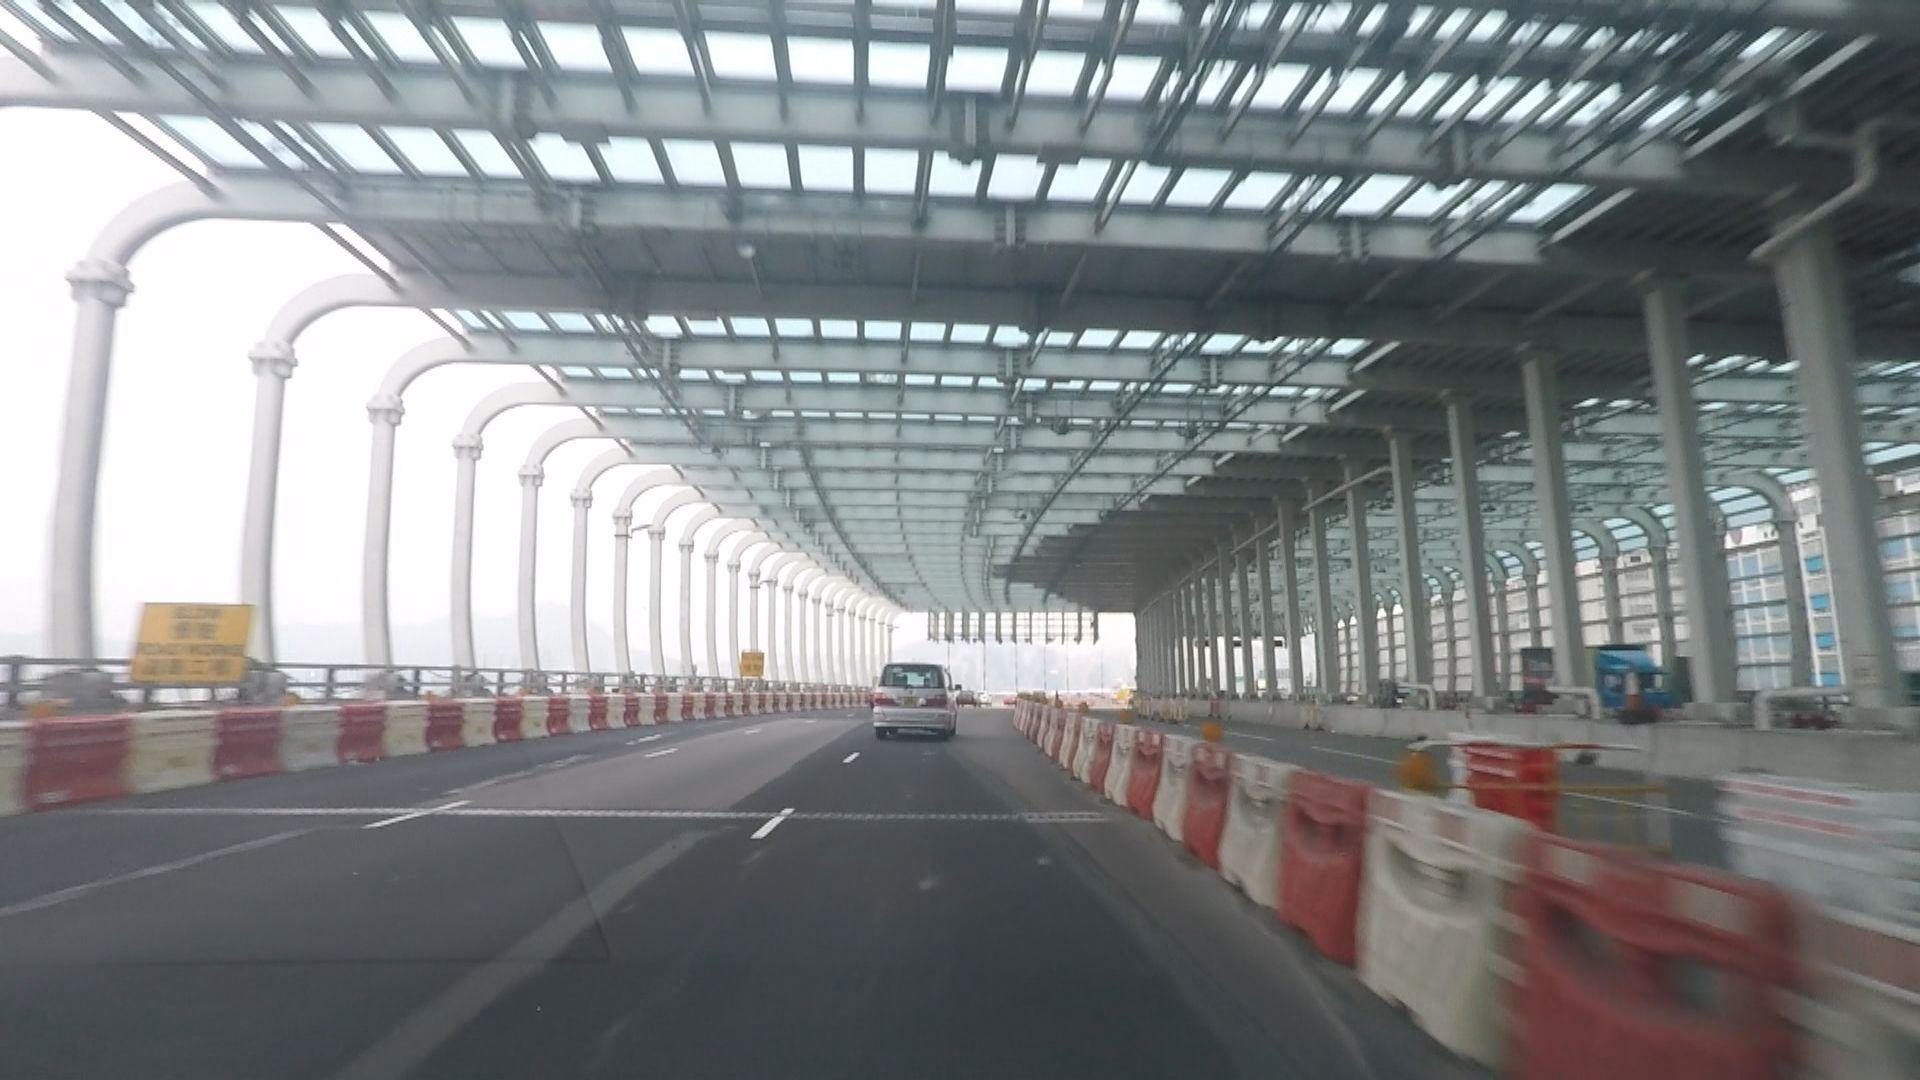 政府同意取消東廊興建花槽 維持行車線數目